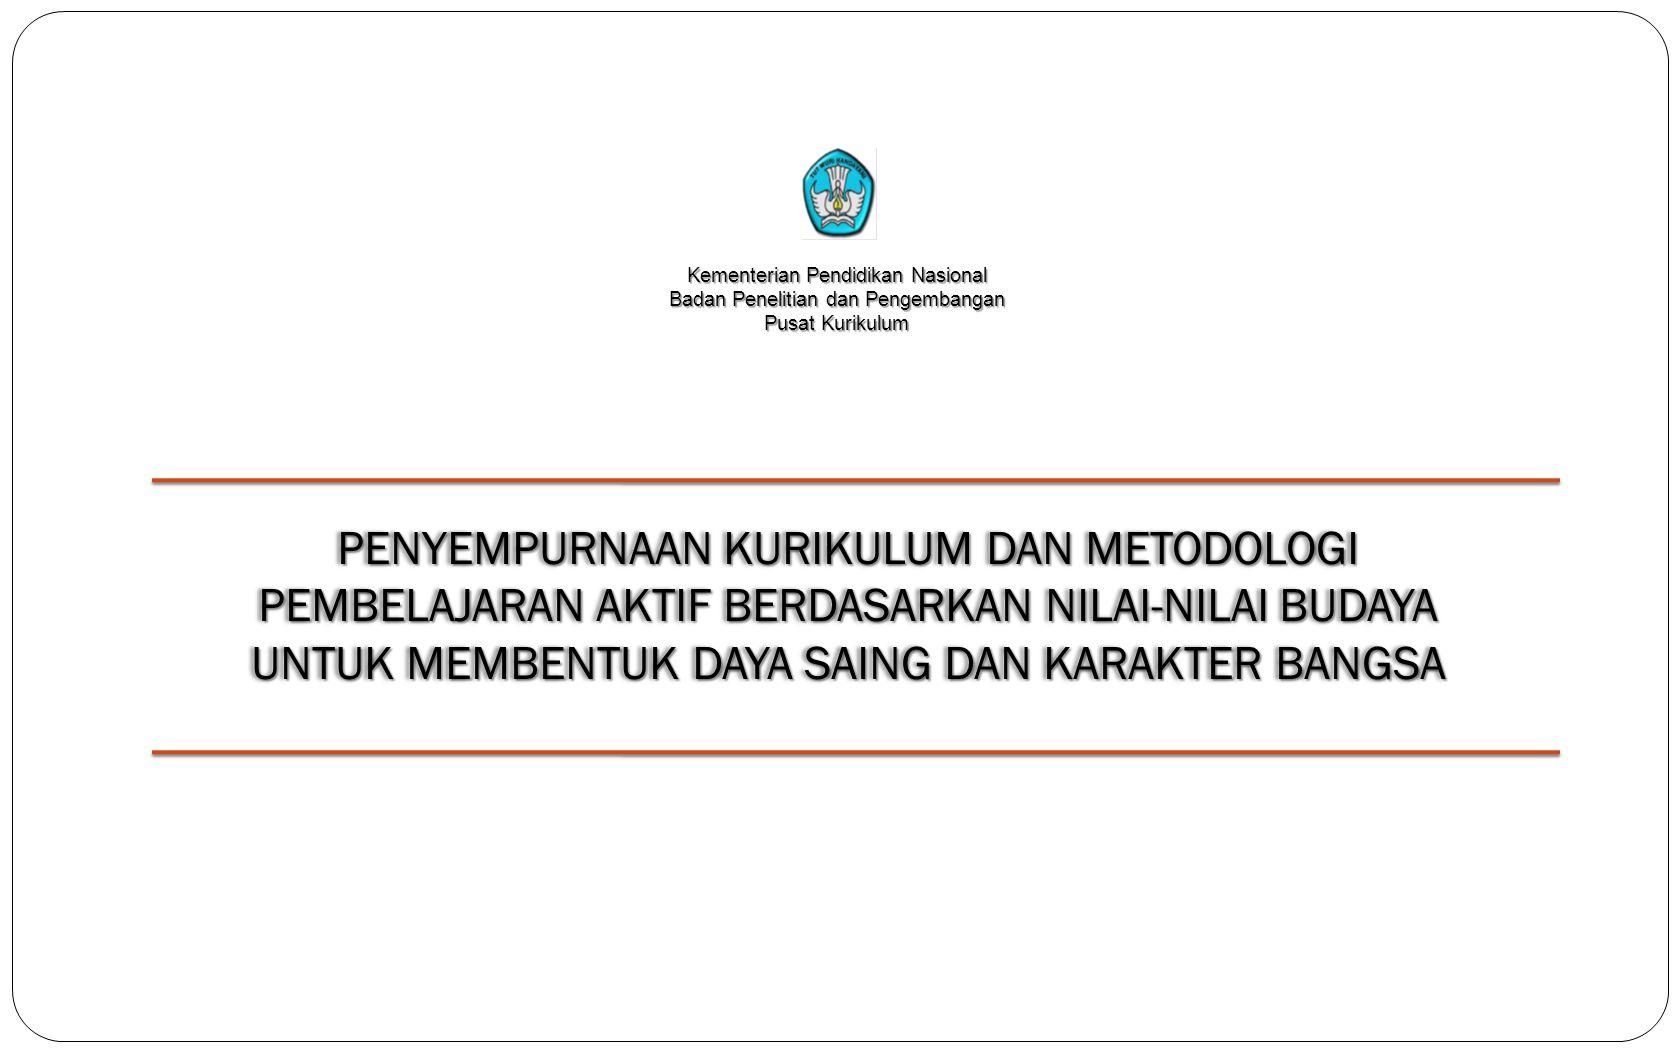 Kementerian Pendidikan Nasional